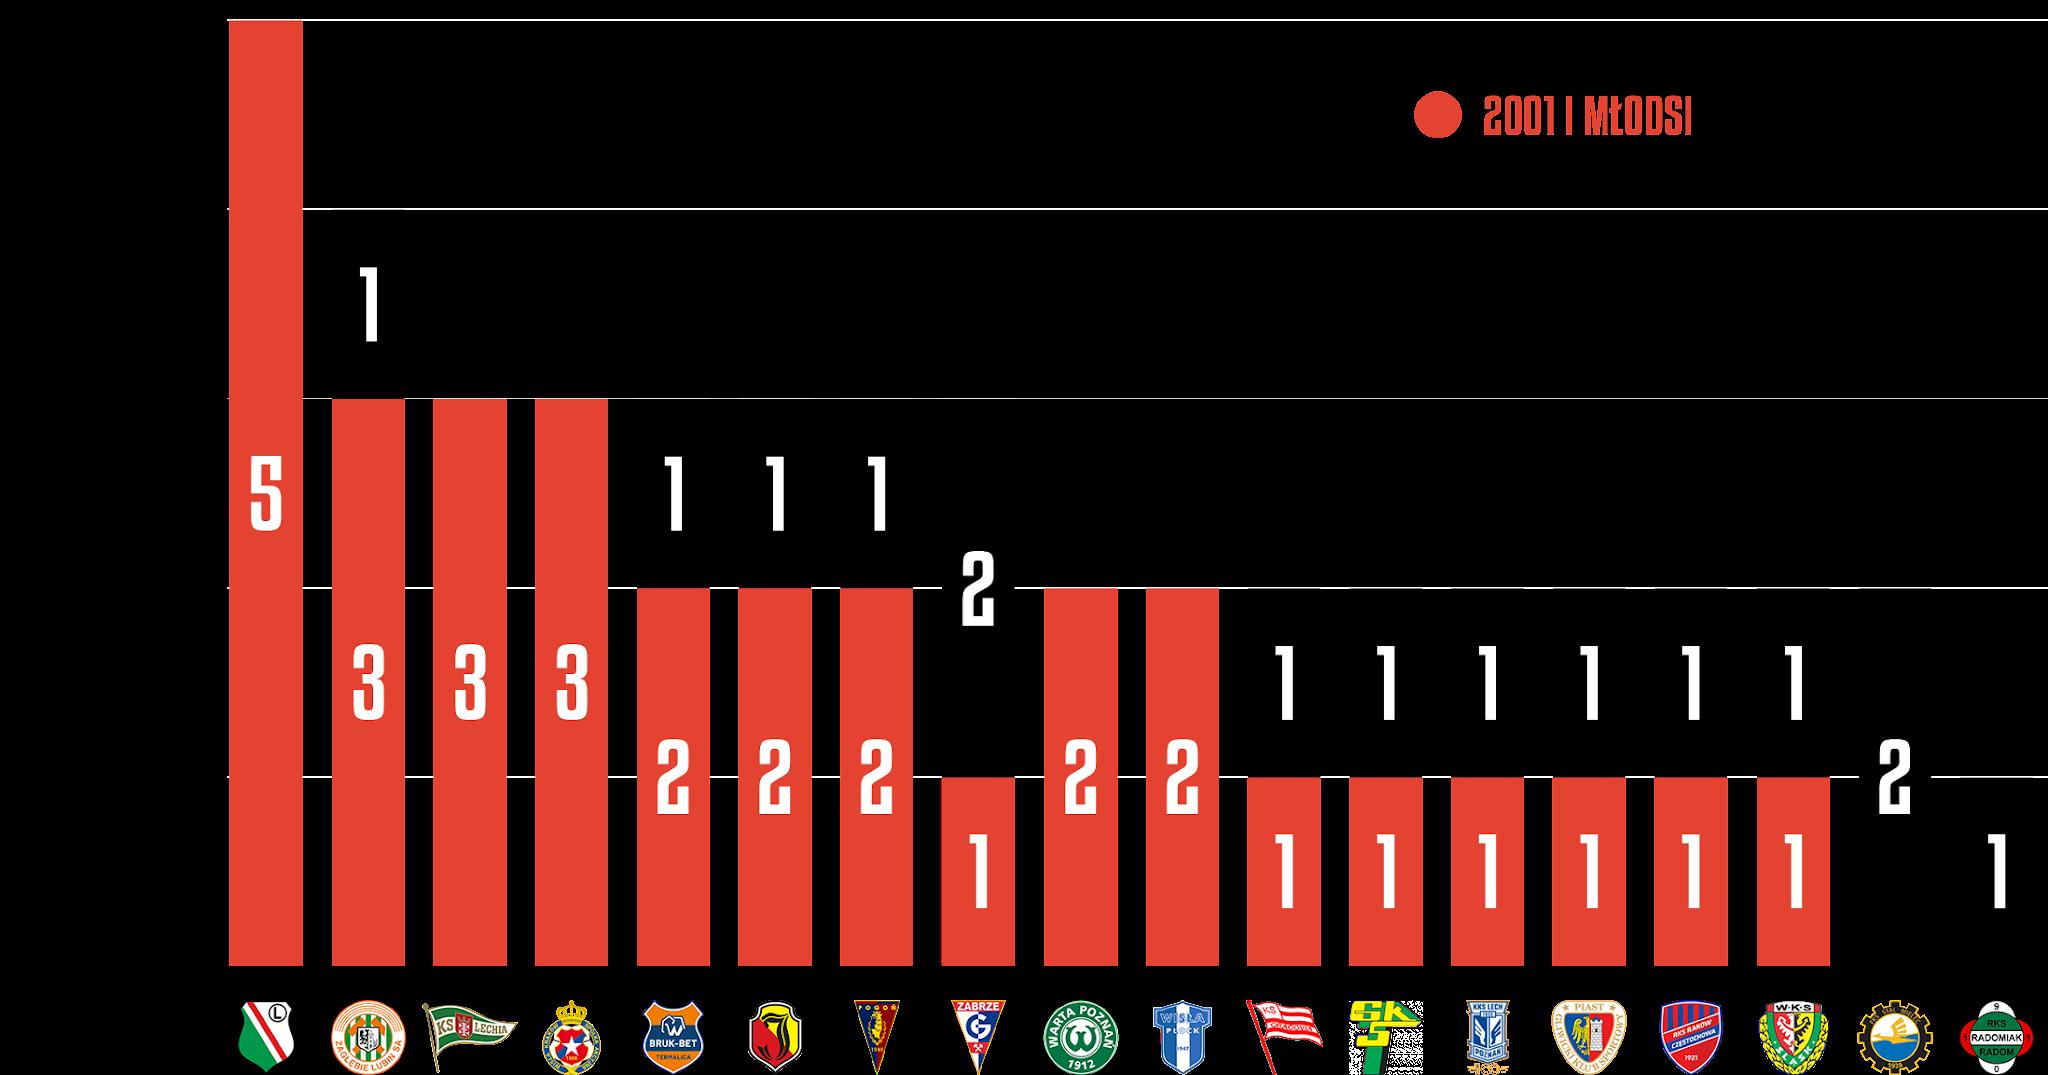 Młodzieżowcy w 1. kolejce PKO Ekstraklasy<br><br>Źródło: Opracowanie własne na podstawie ekstrastats.pl<br><br>graf. Bartosz Urban